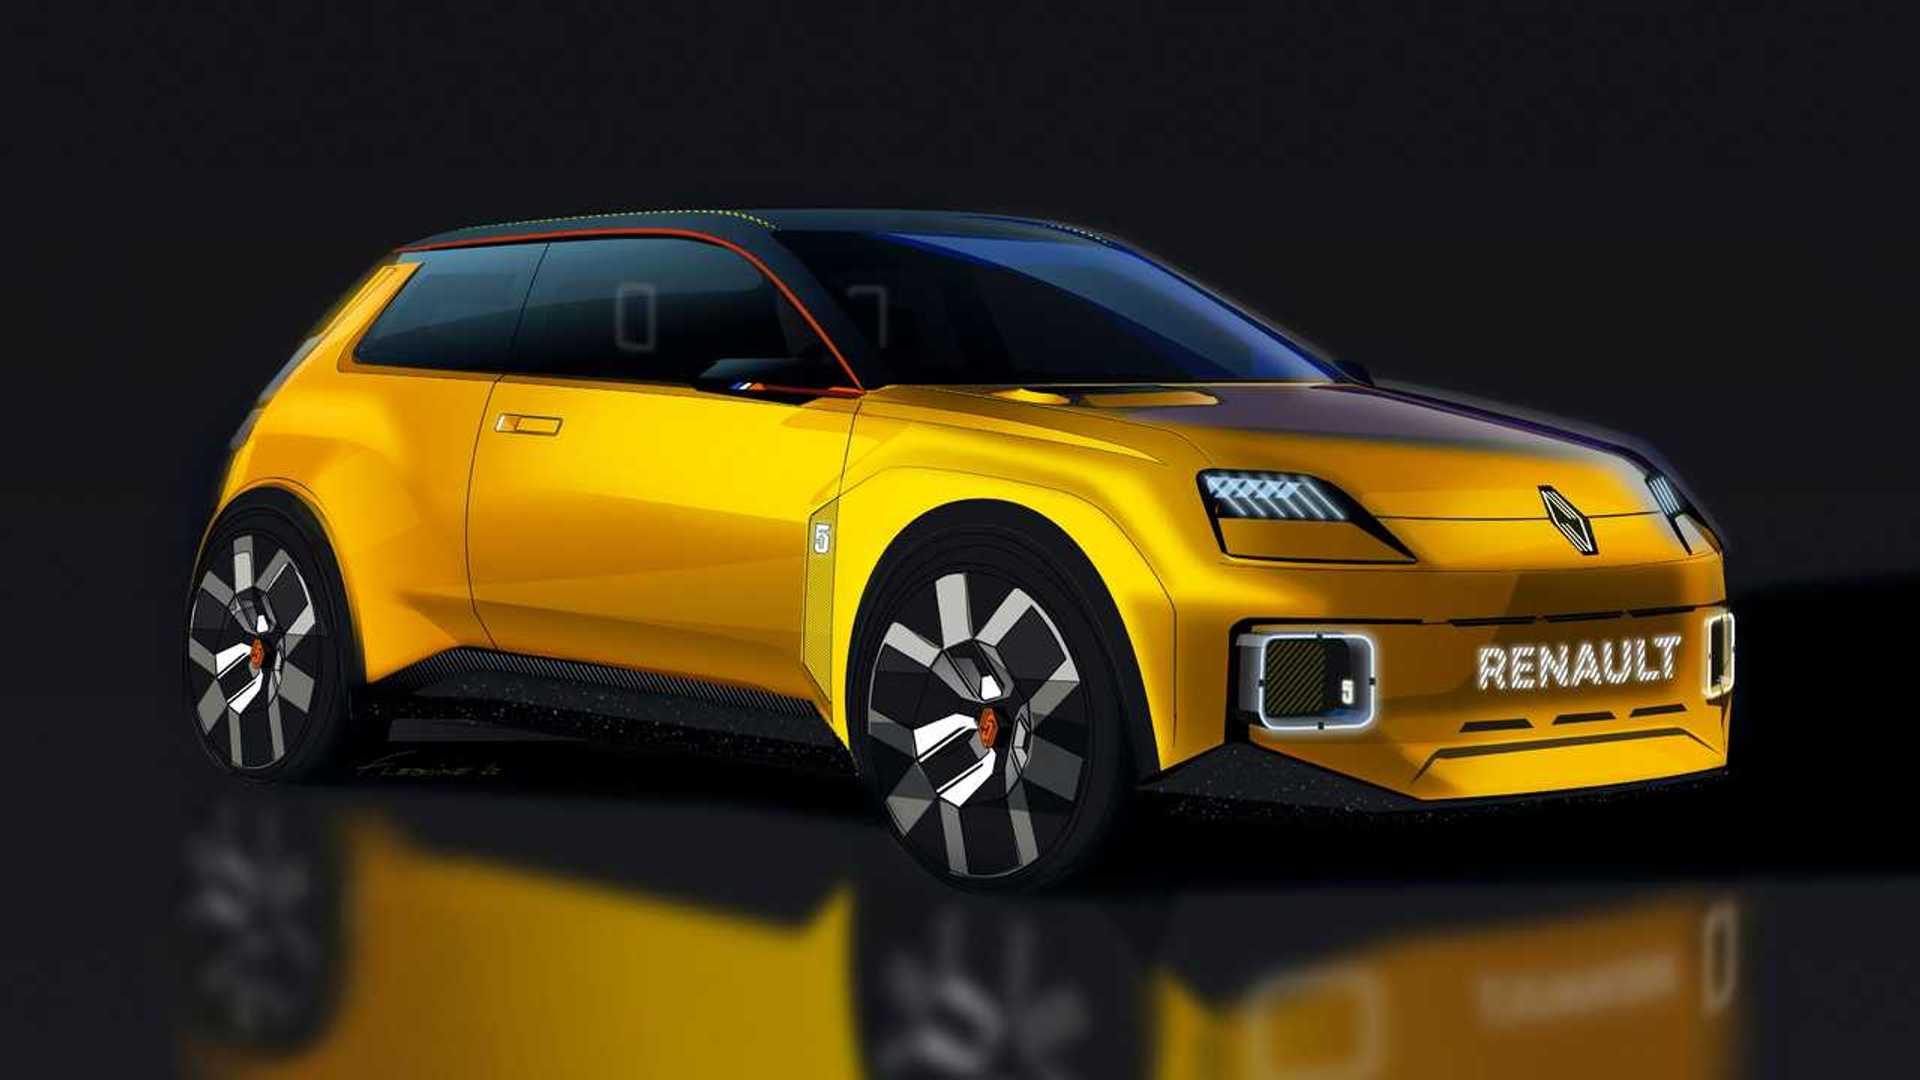 Renault 5 Electric Supermini в модернистском стиле